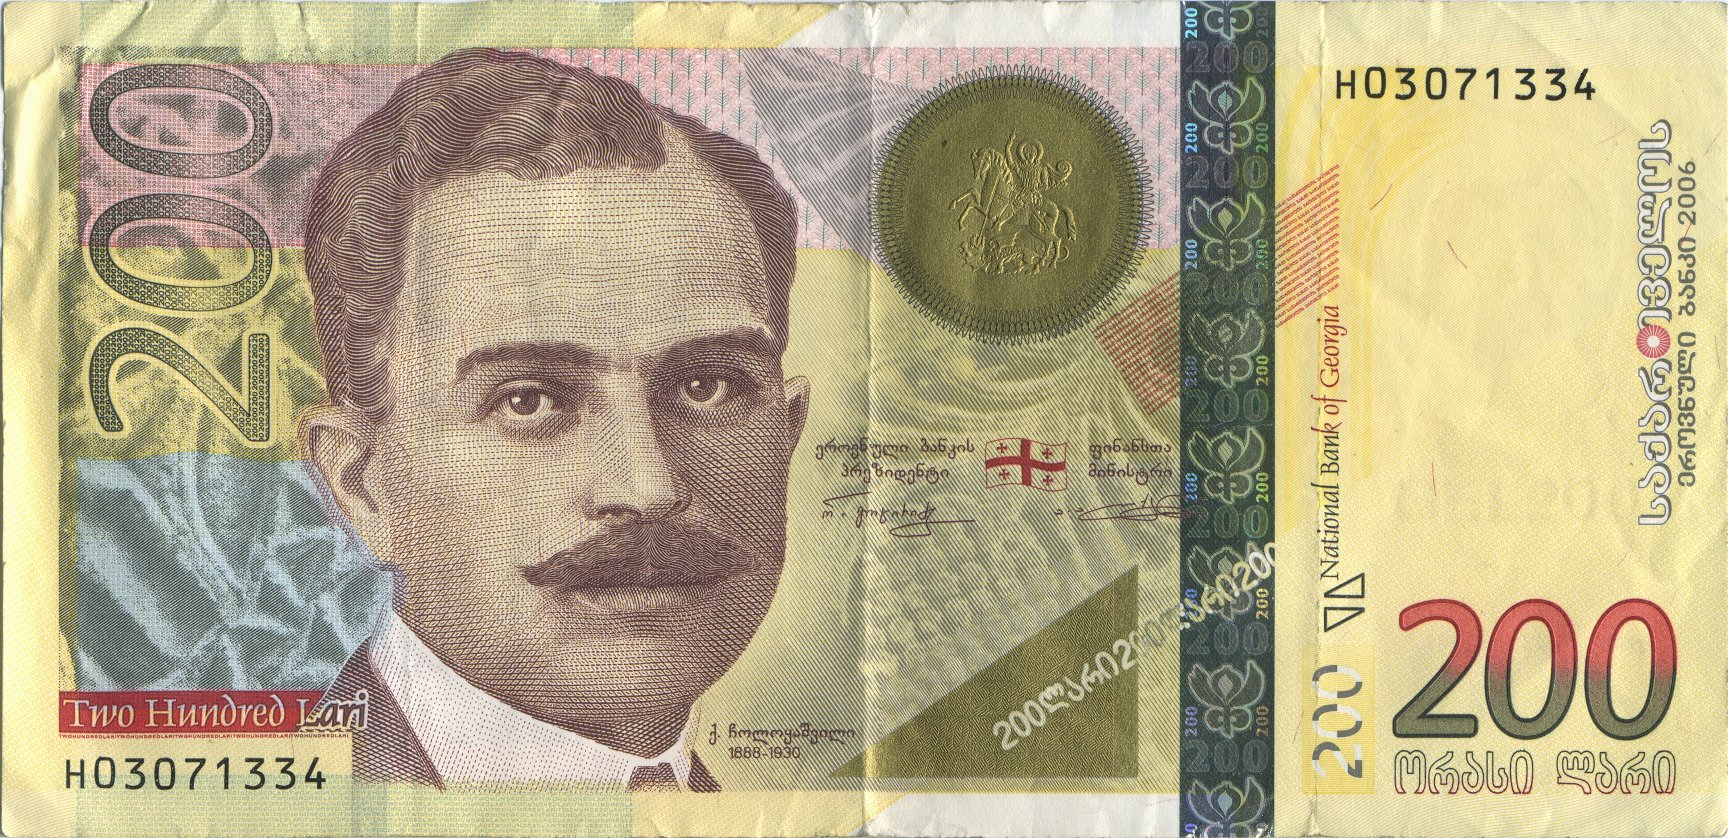 Сколько денег взять с собой в грузию?